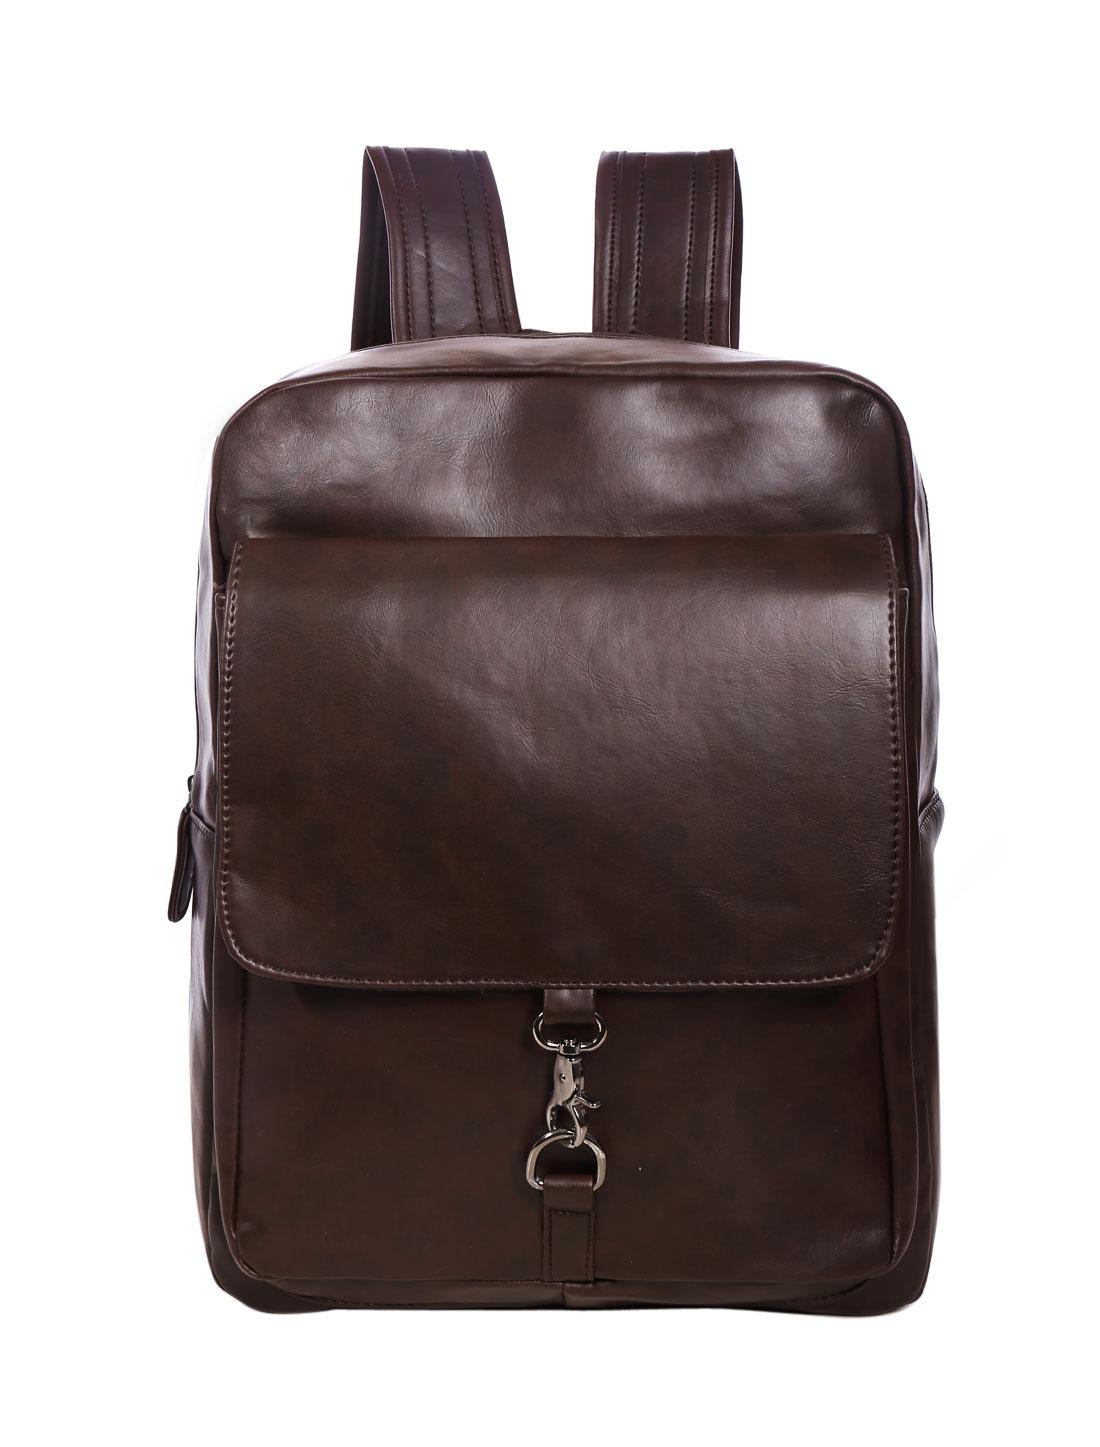 Unisex Adjustable Shoulder Strap Front Flap Pocket Backpack Coffee